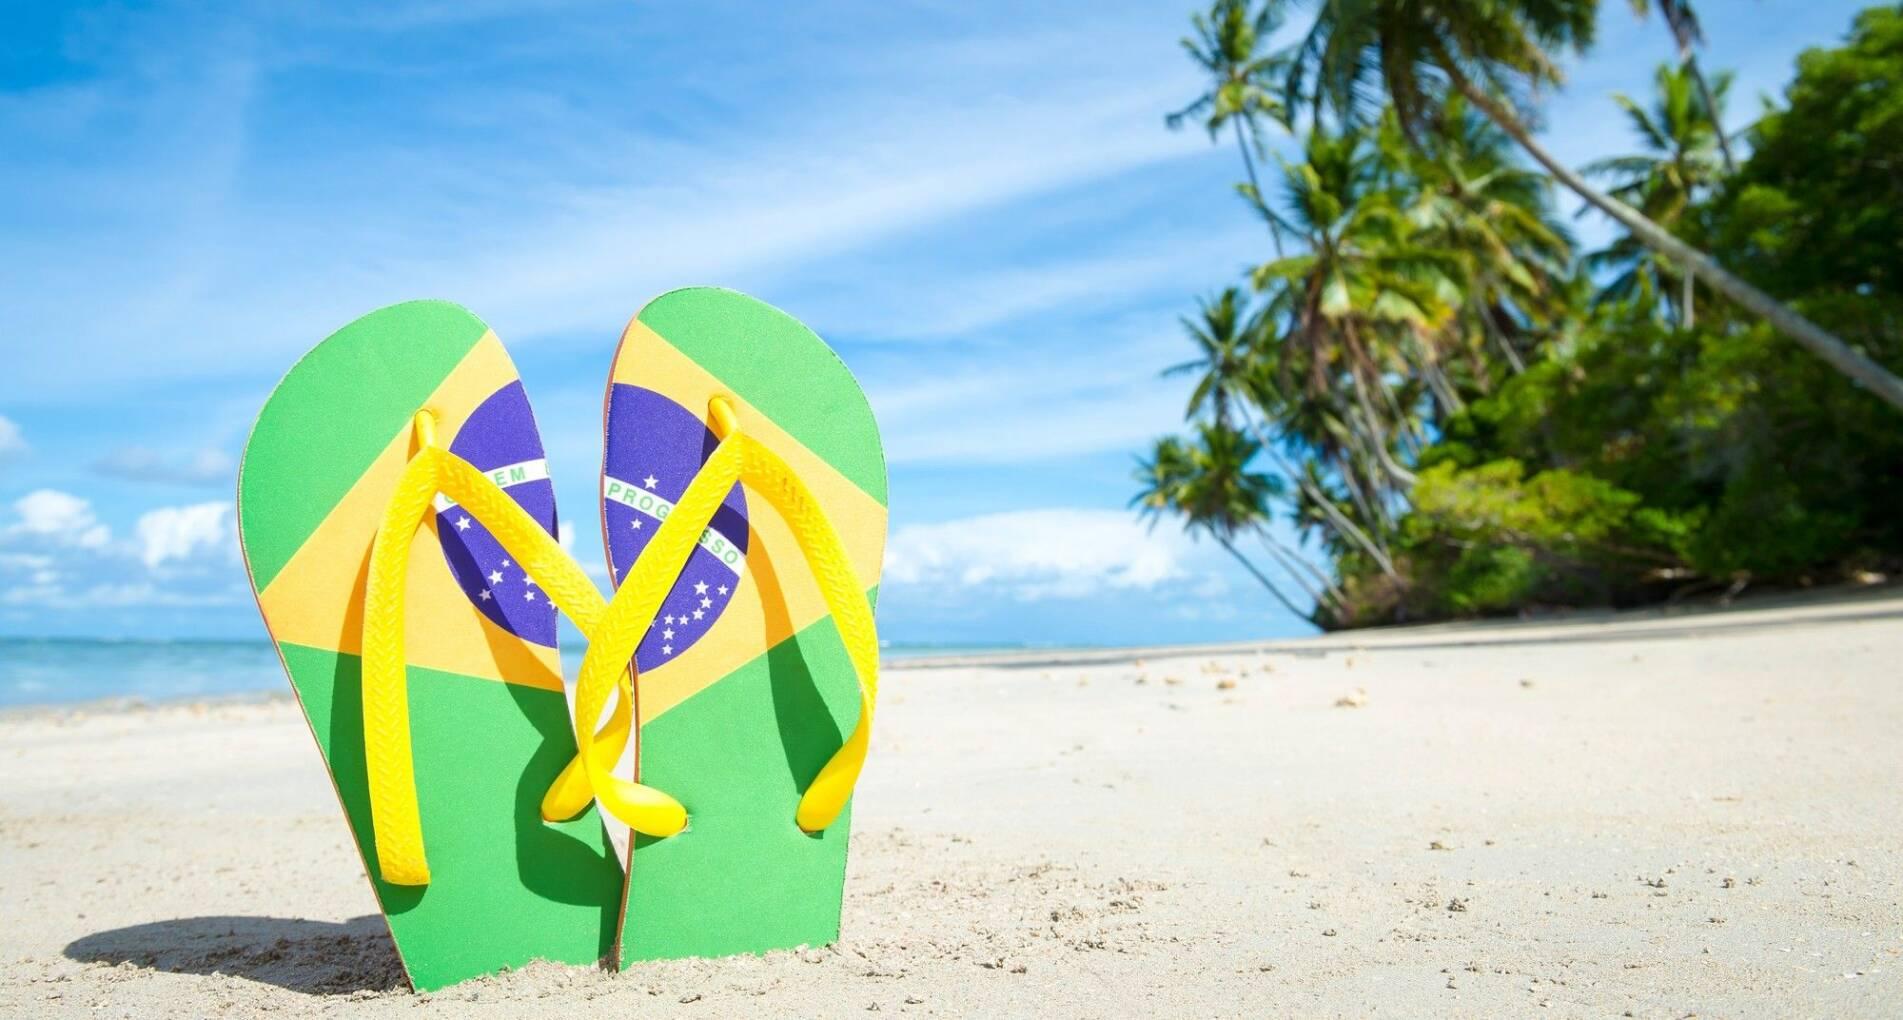 Winterzon Brazilië: Tropische stranden en wuivende palmen - Brazilië - 1